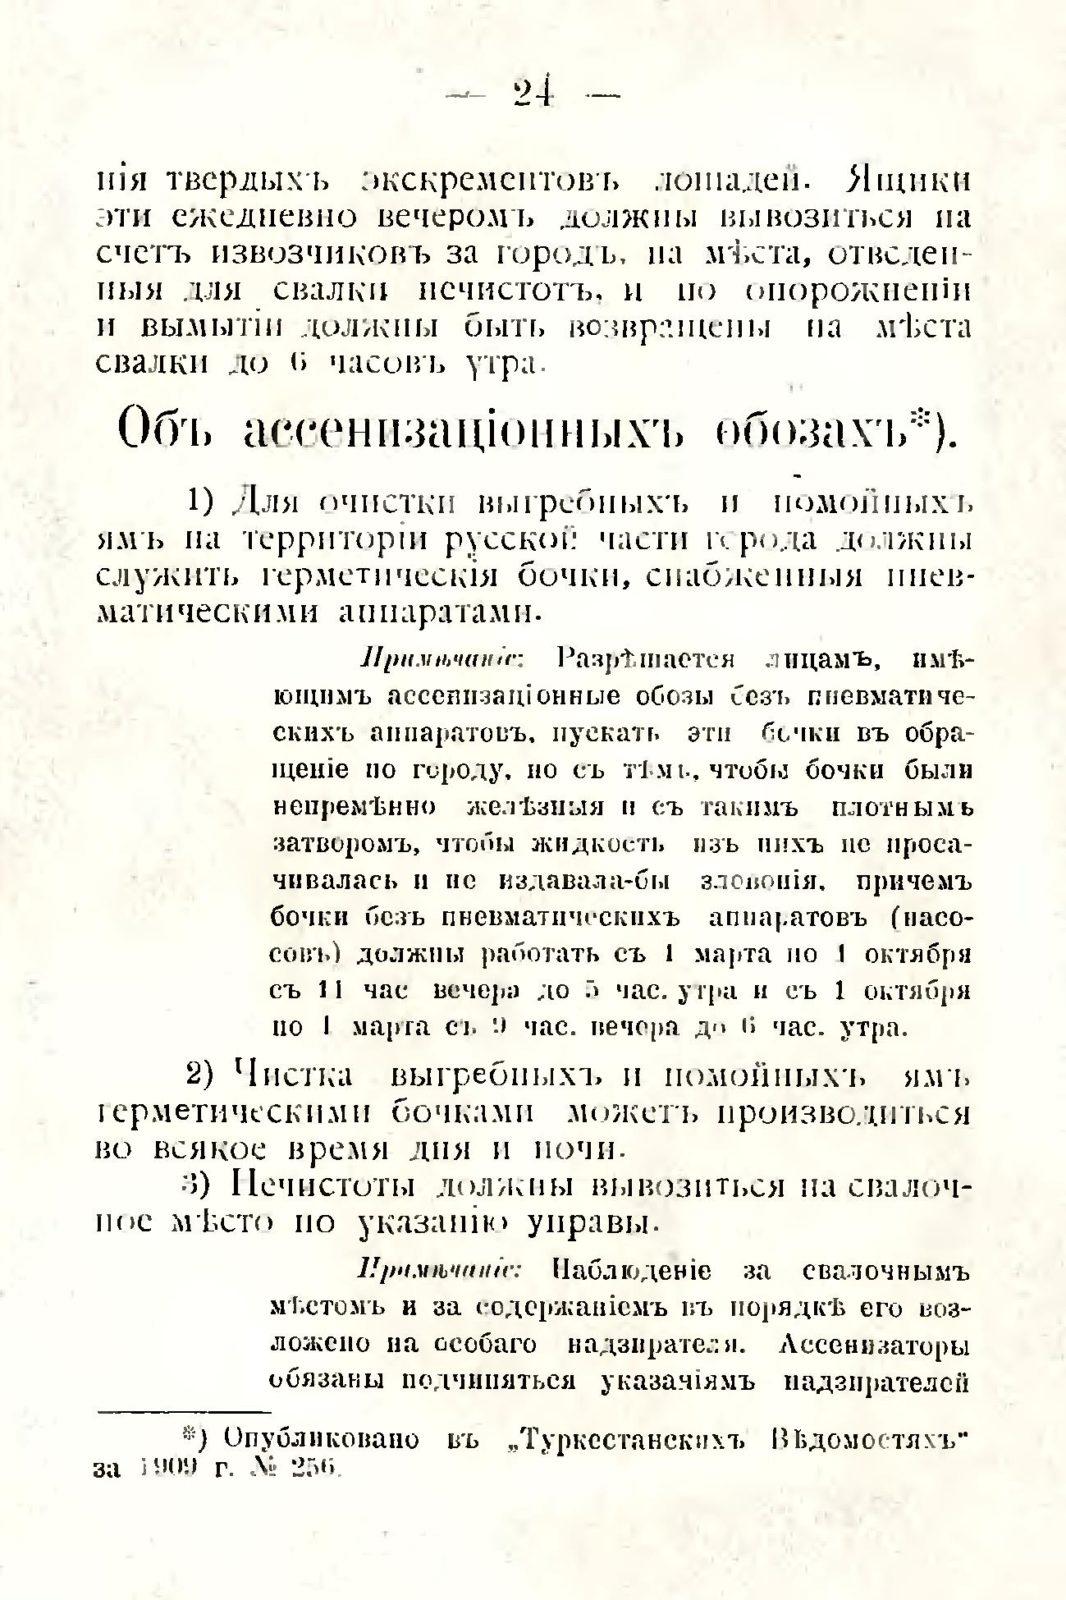 sbornik_obyazatelnyh_postanovlenii_tashkentskoi_gorodskoi_du_28